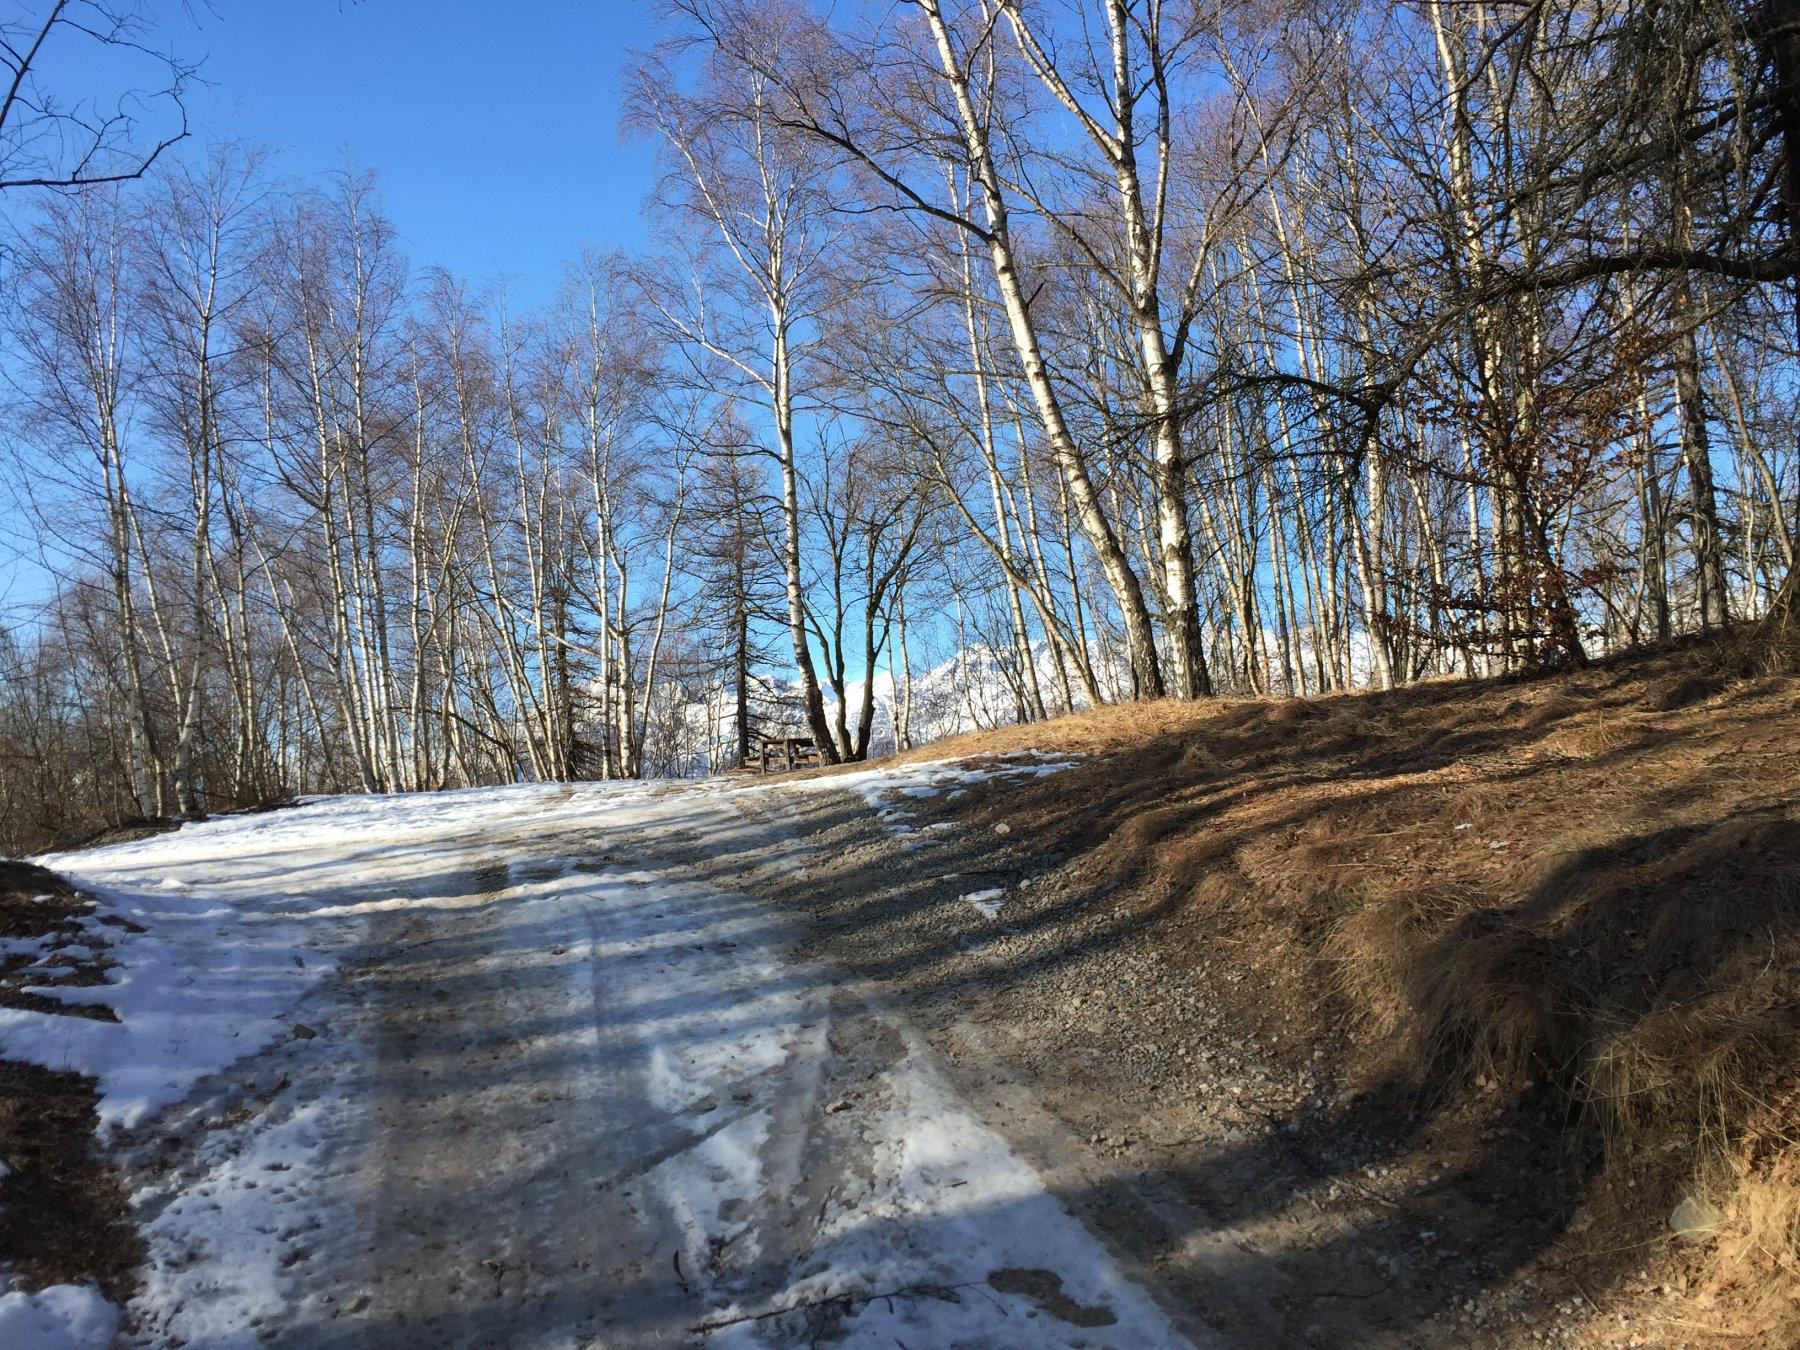 La strada innevata (unico posto in cui la neve si conserva!)